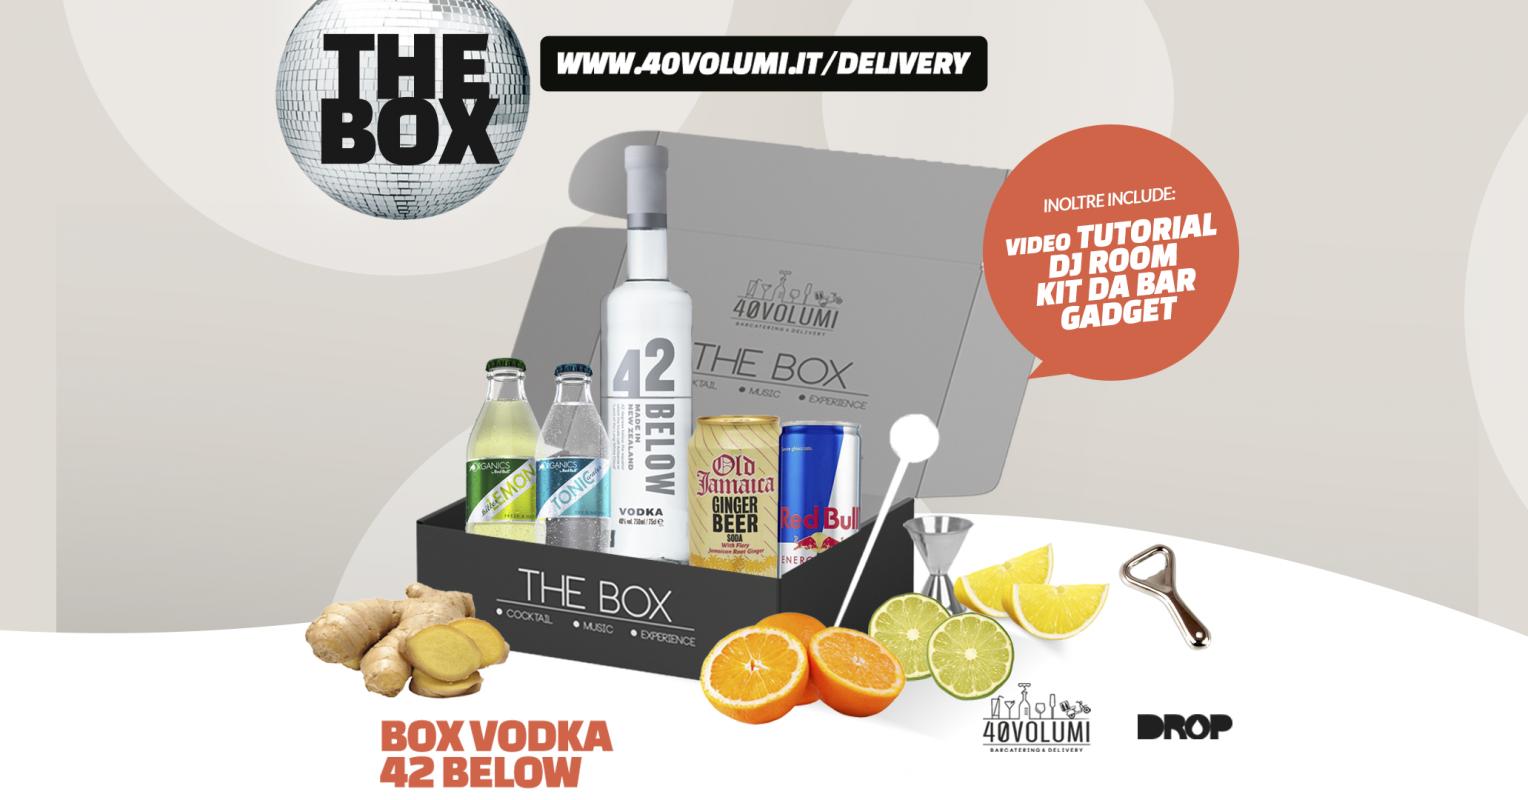 box vodka 42 below per 40 volumi